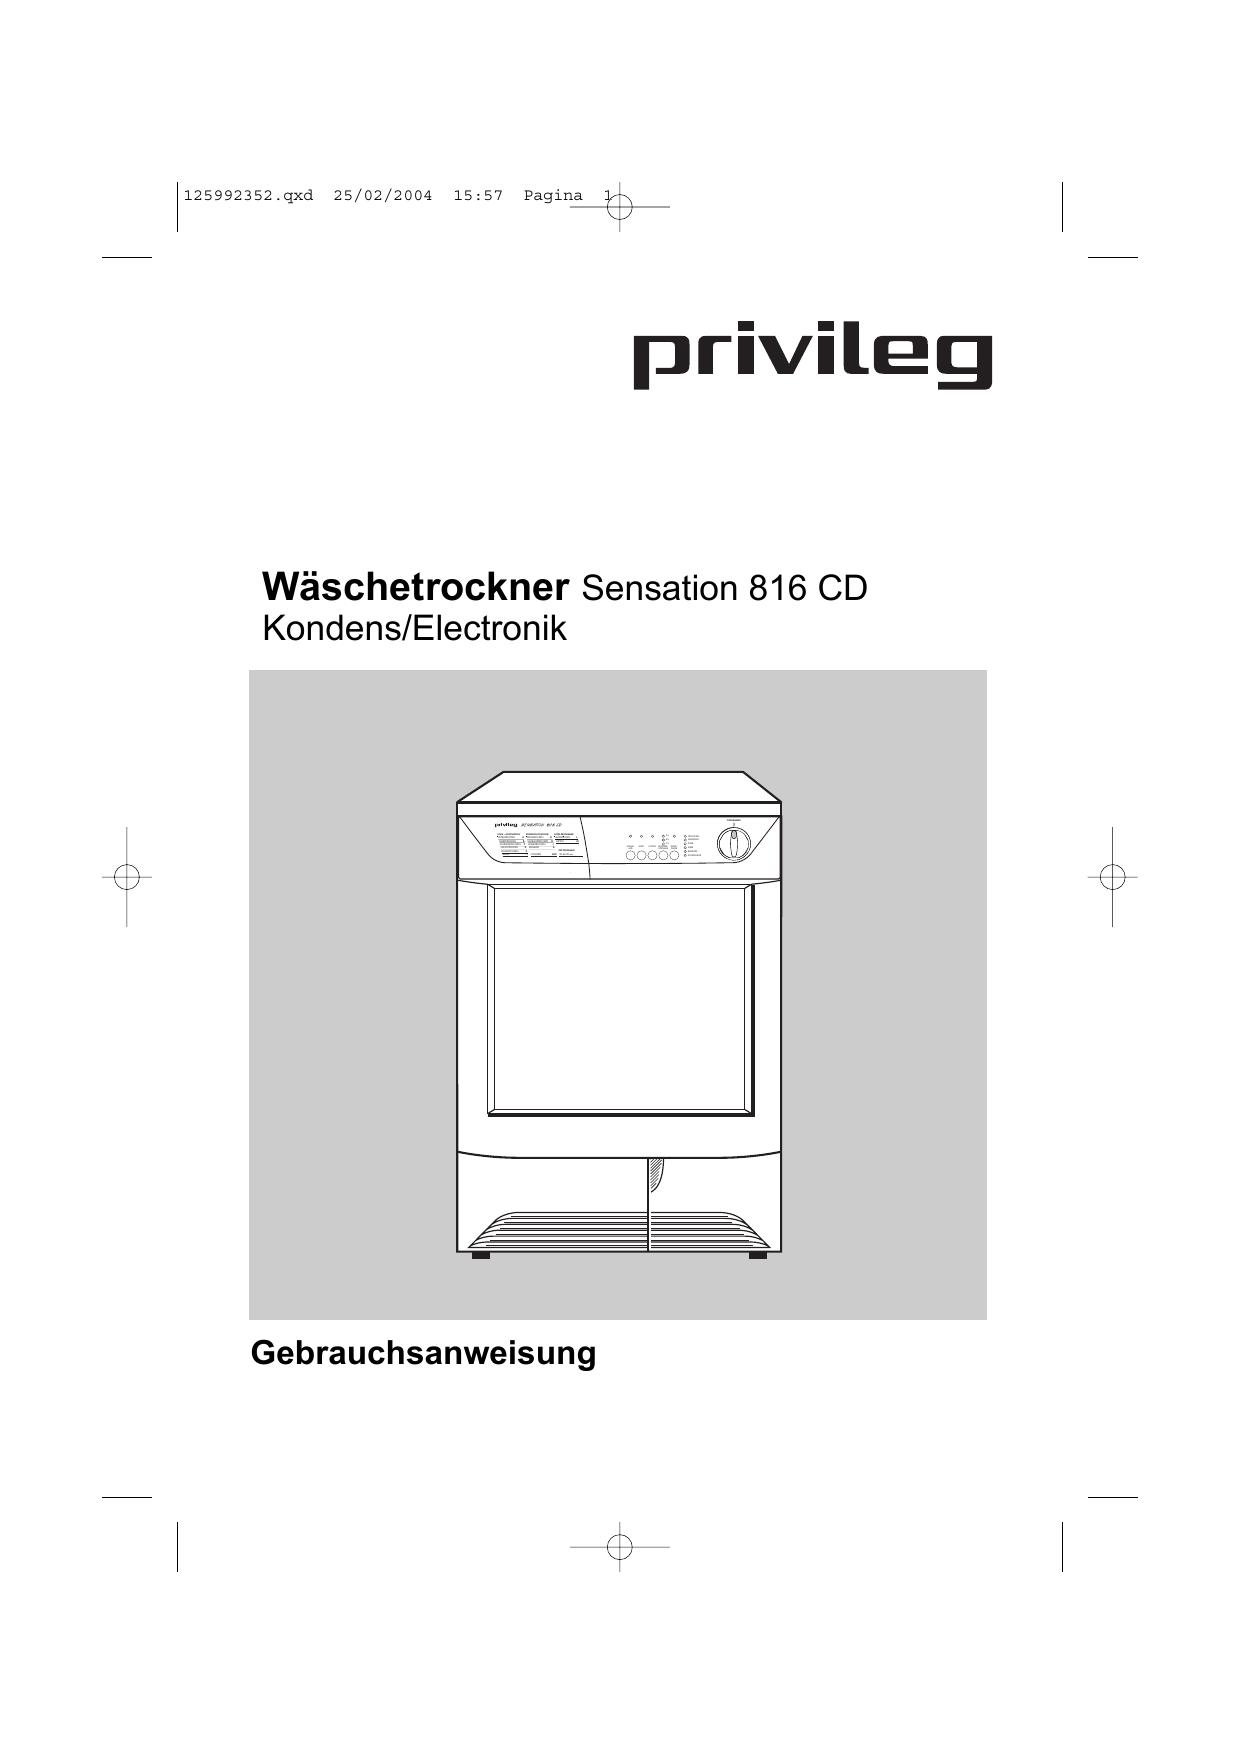 Ungewöhnlich Wäschetrockner Stecker Schaltplan Ideen - Elektrische ...